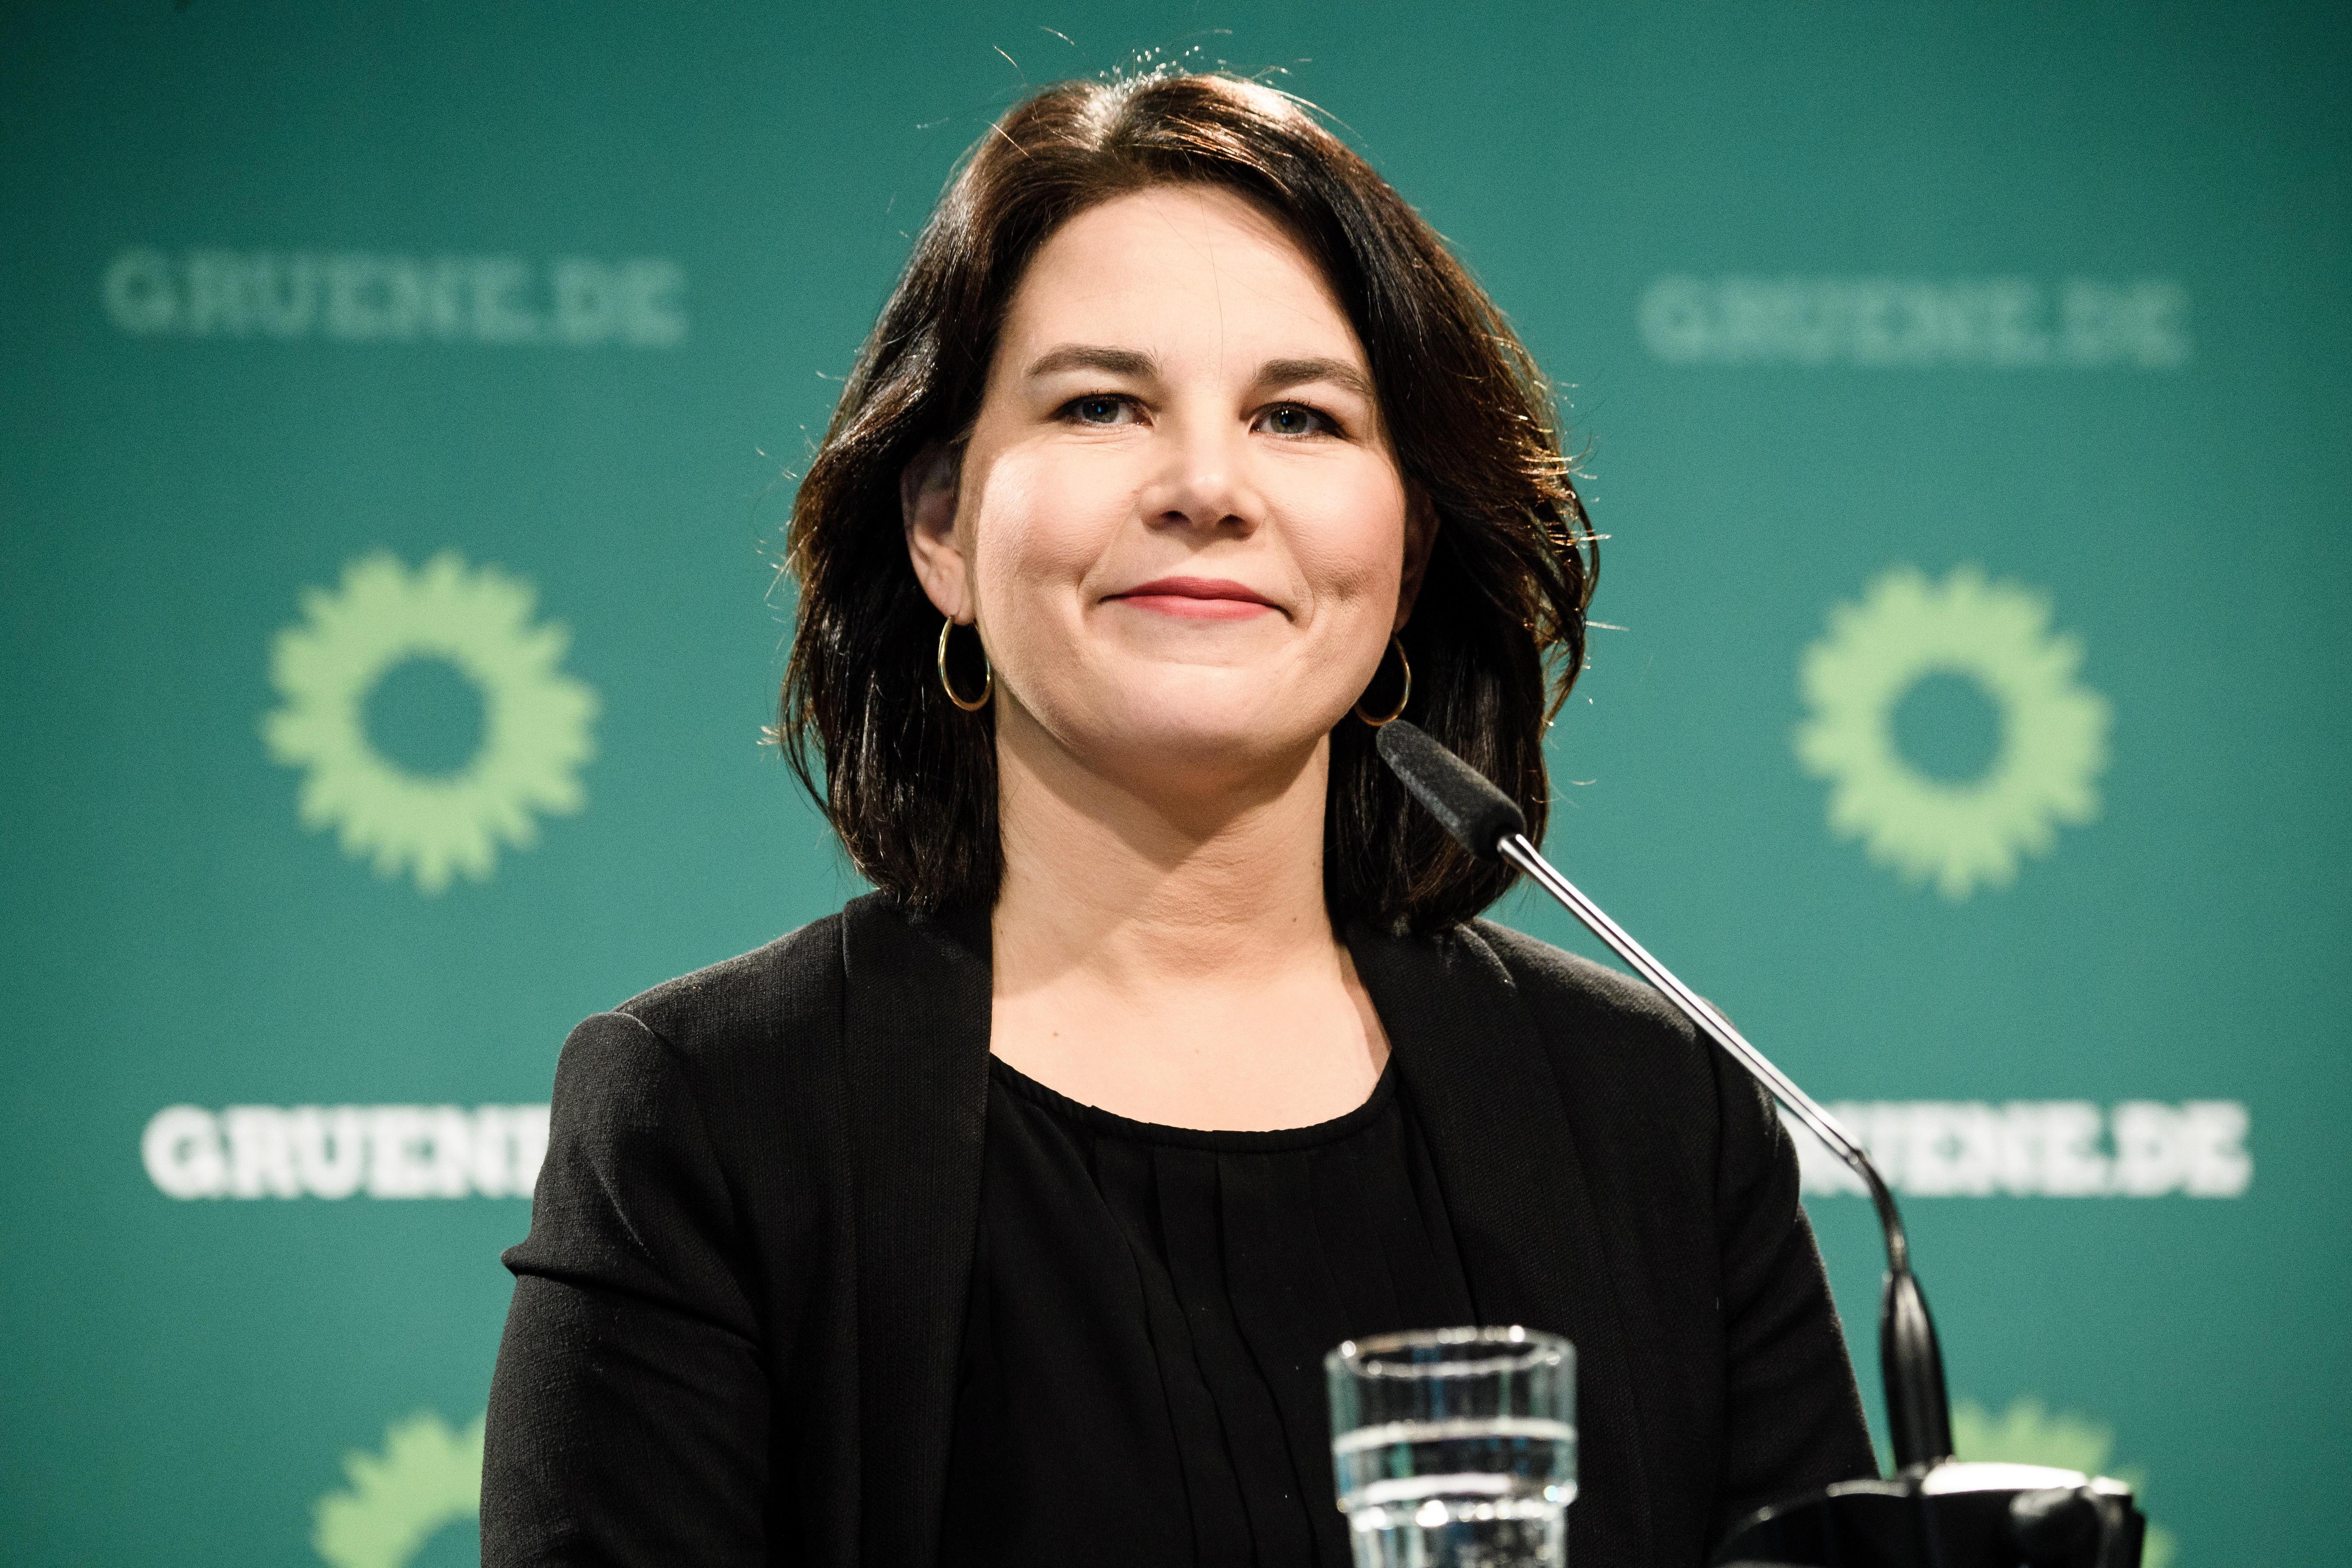 La candidata de Los Verdes, Annalena Baerbock.